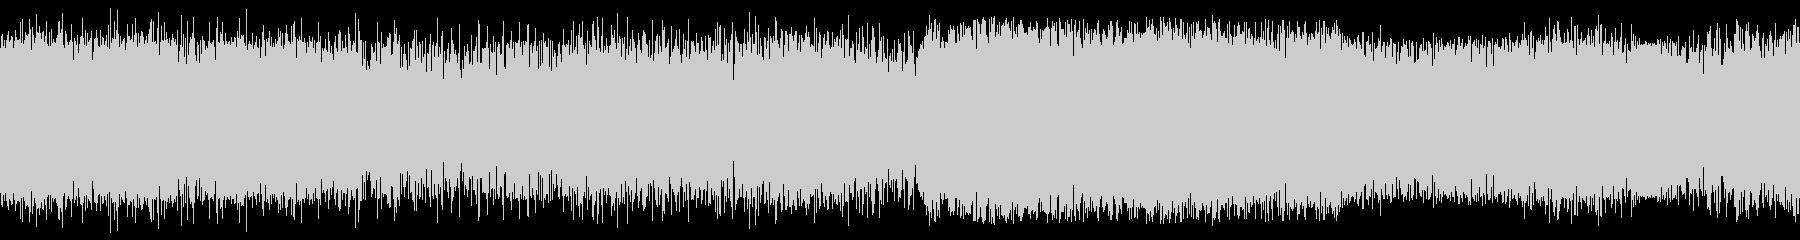 小型飛行機(セスナ)の着陸時の音の未再生の波形